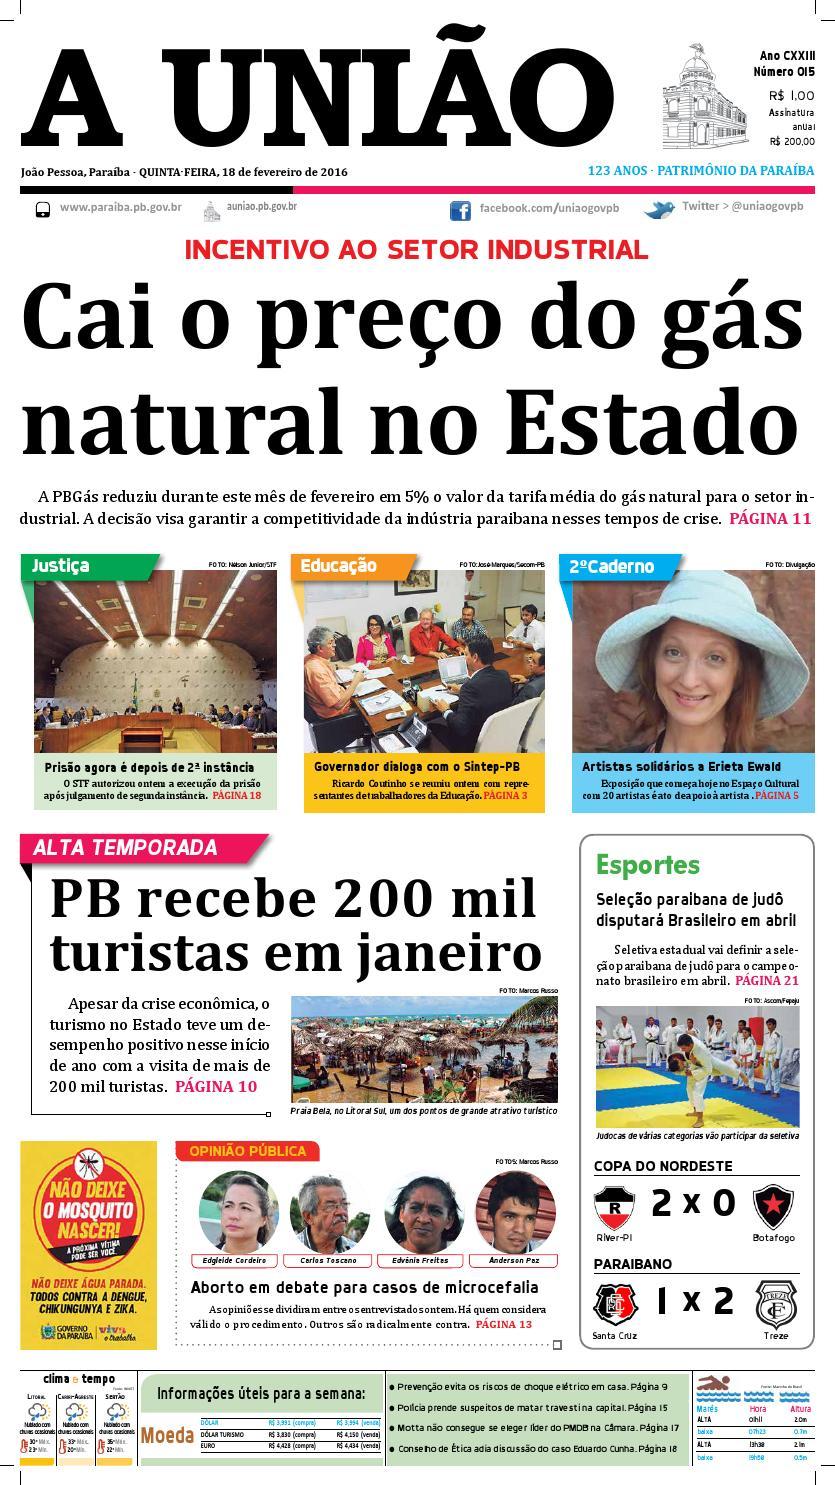 Jornal A União 18 02 16 by Jornal A União - issuu 04277a77d04d9